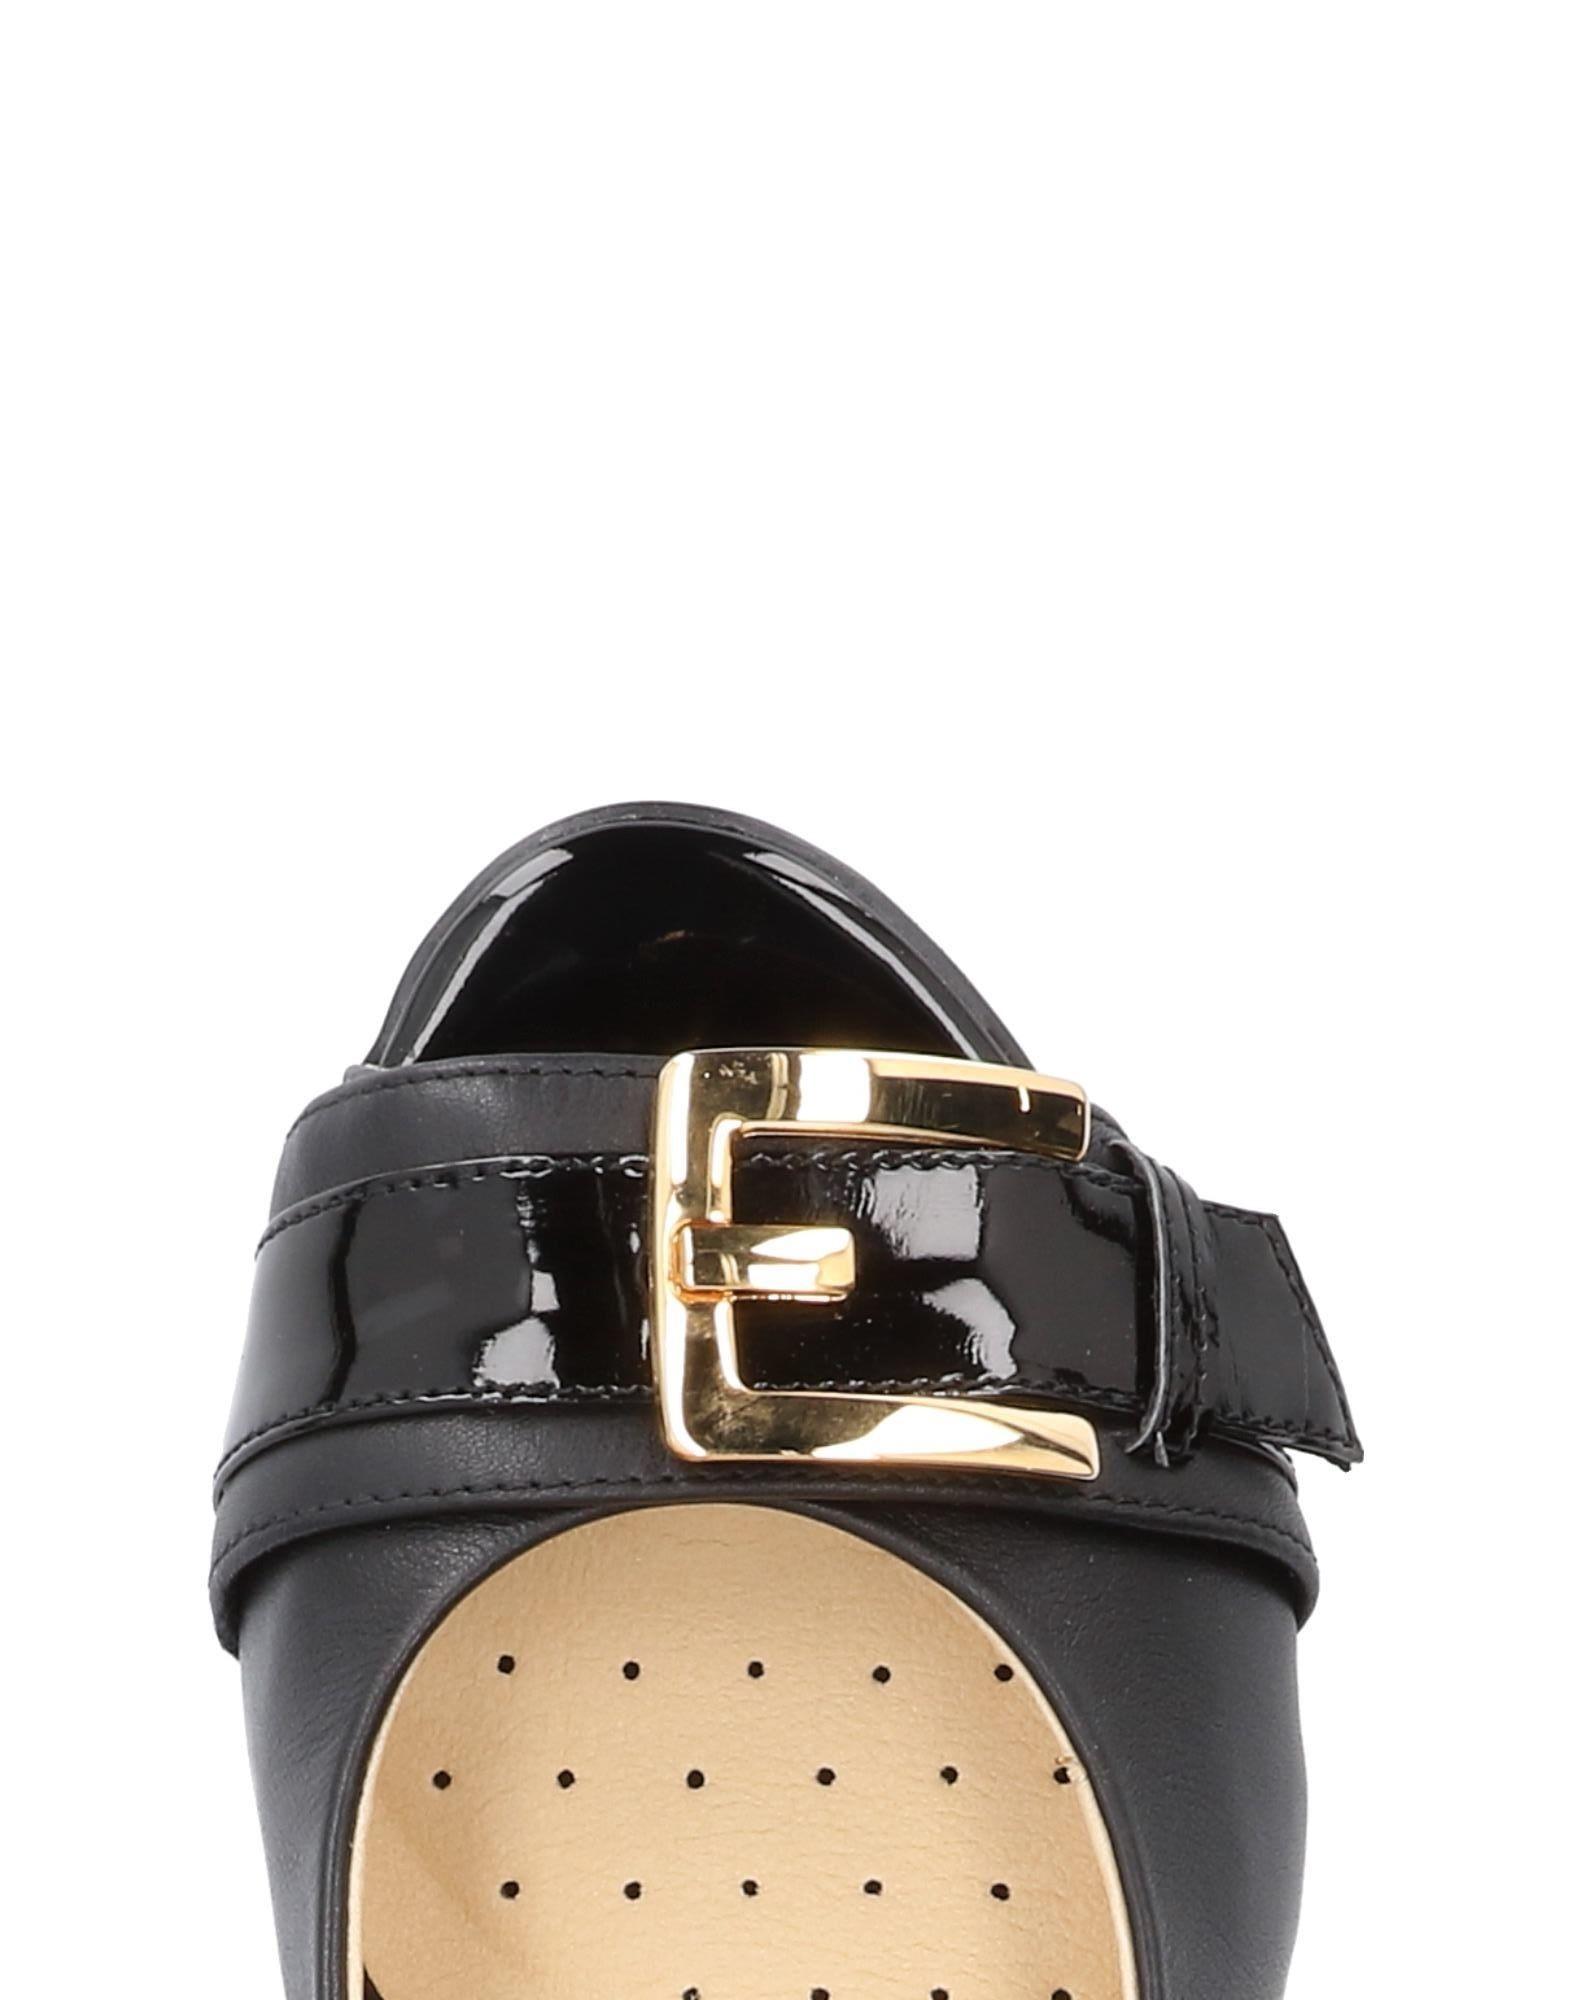 Geox Pumps Damen  11479487SJ Schuhe Gute Qualität beliebte Schuhe 11479487SJ 7414e1